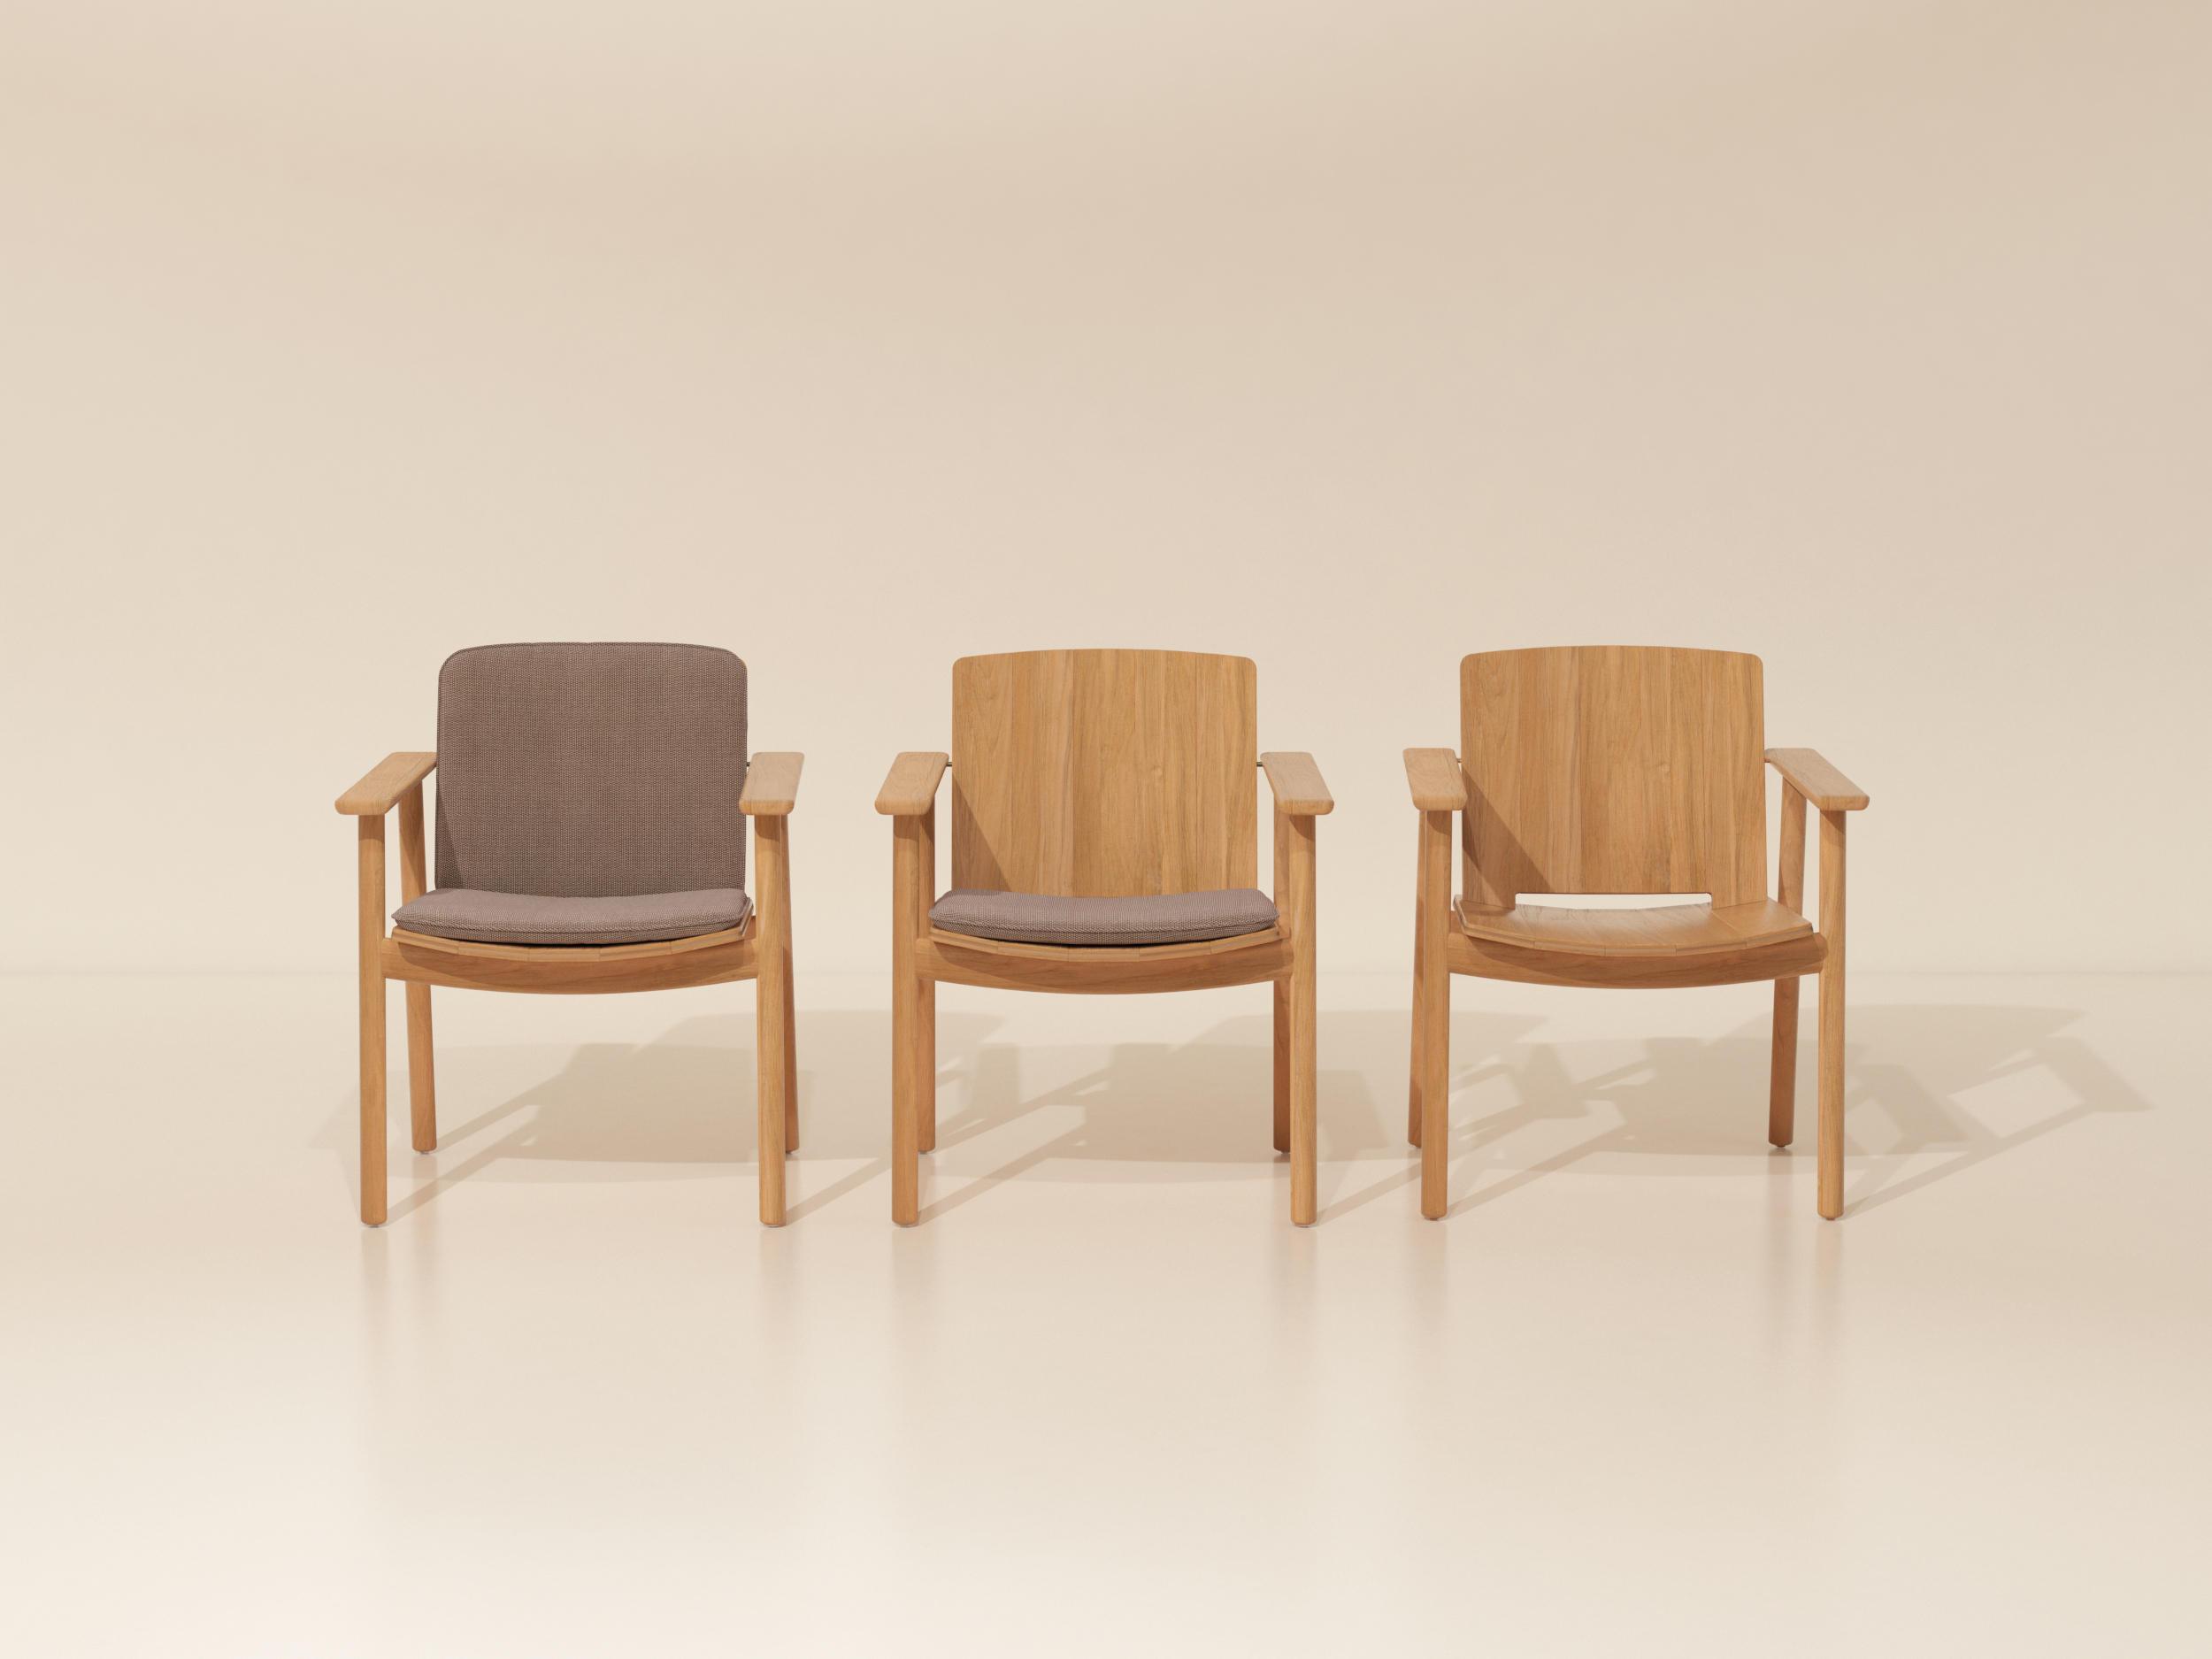 Riva dining armchair sillas de jard n de kettal architonic for Kettal muebles jardin